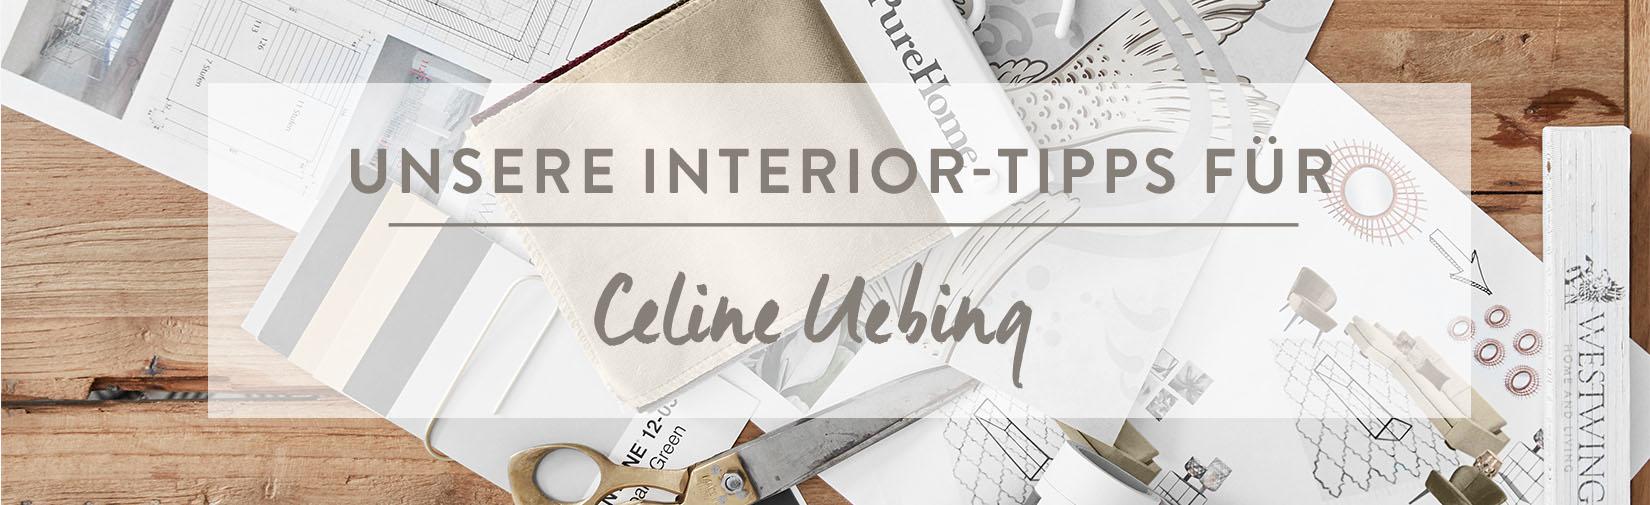 LP_Celine_Uebing_Desktop